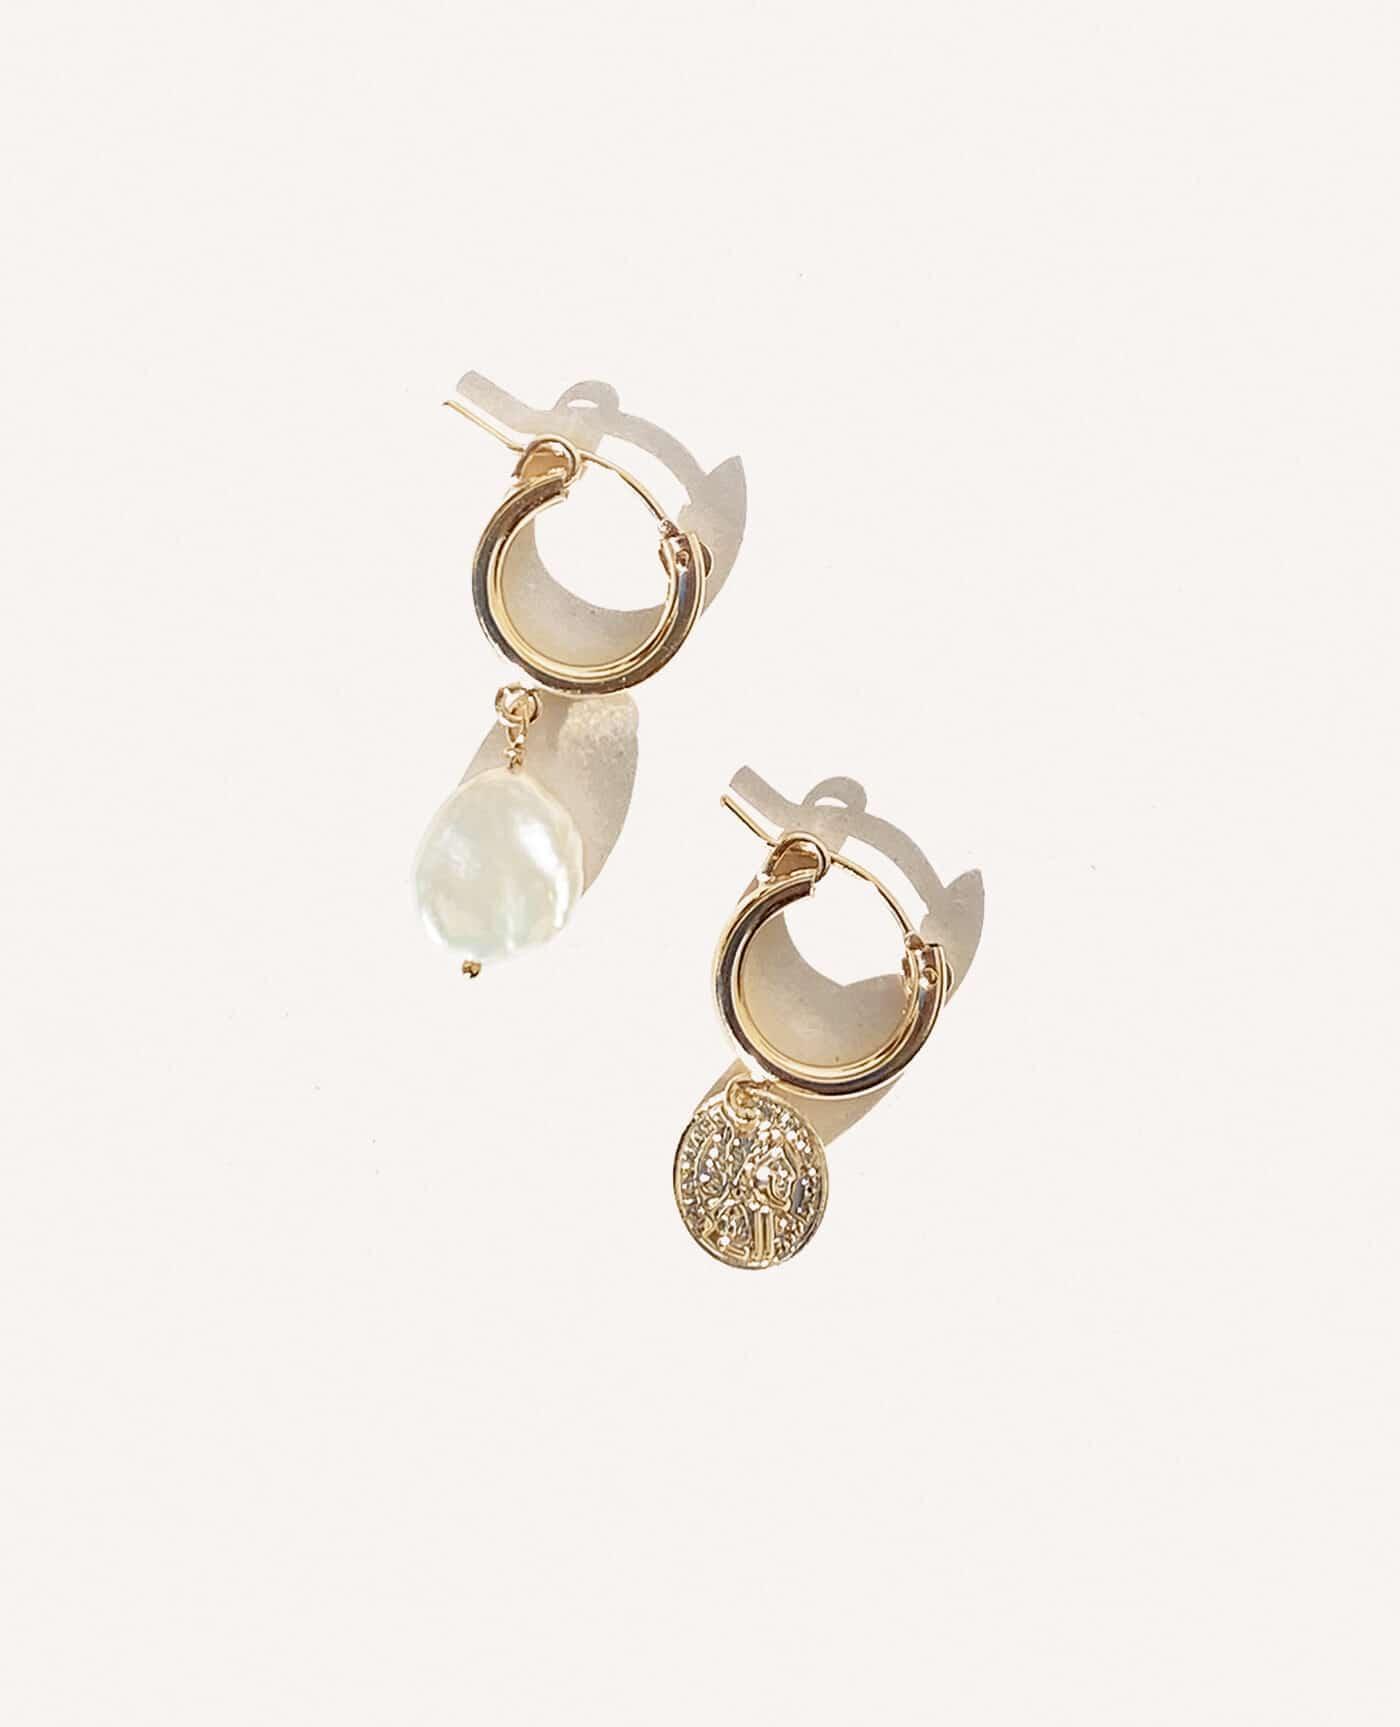 Boucles d'oreilles Kate asymétriques médaille et perle de la marque Gisel B made in france